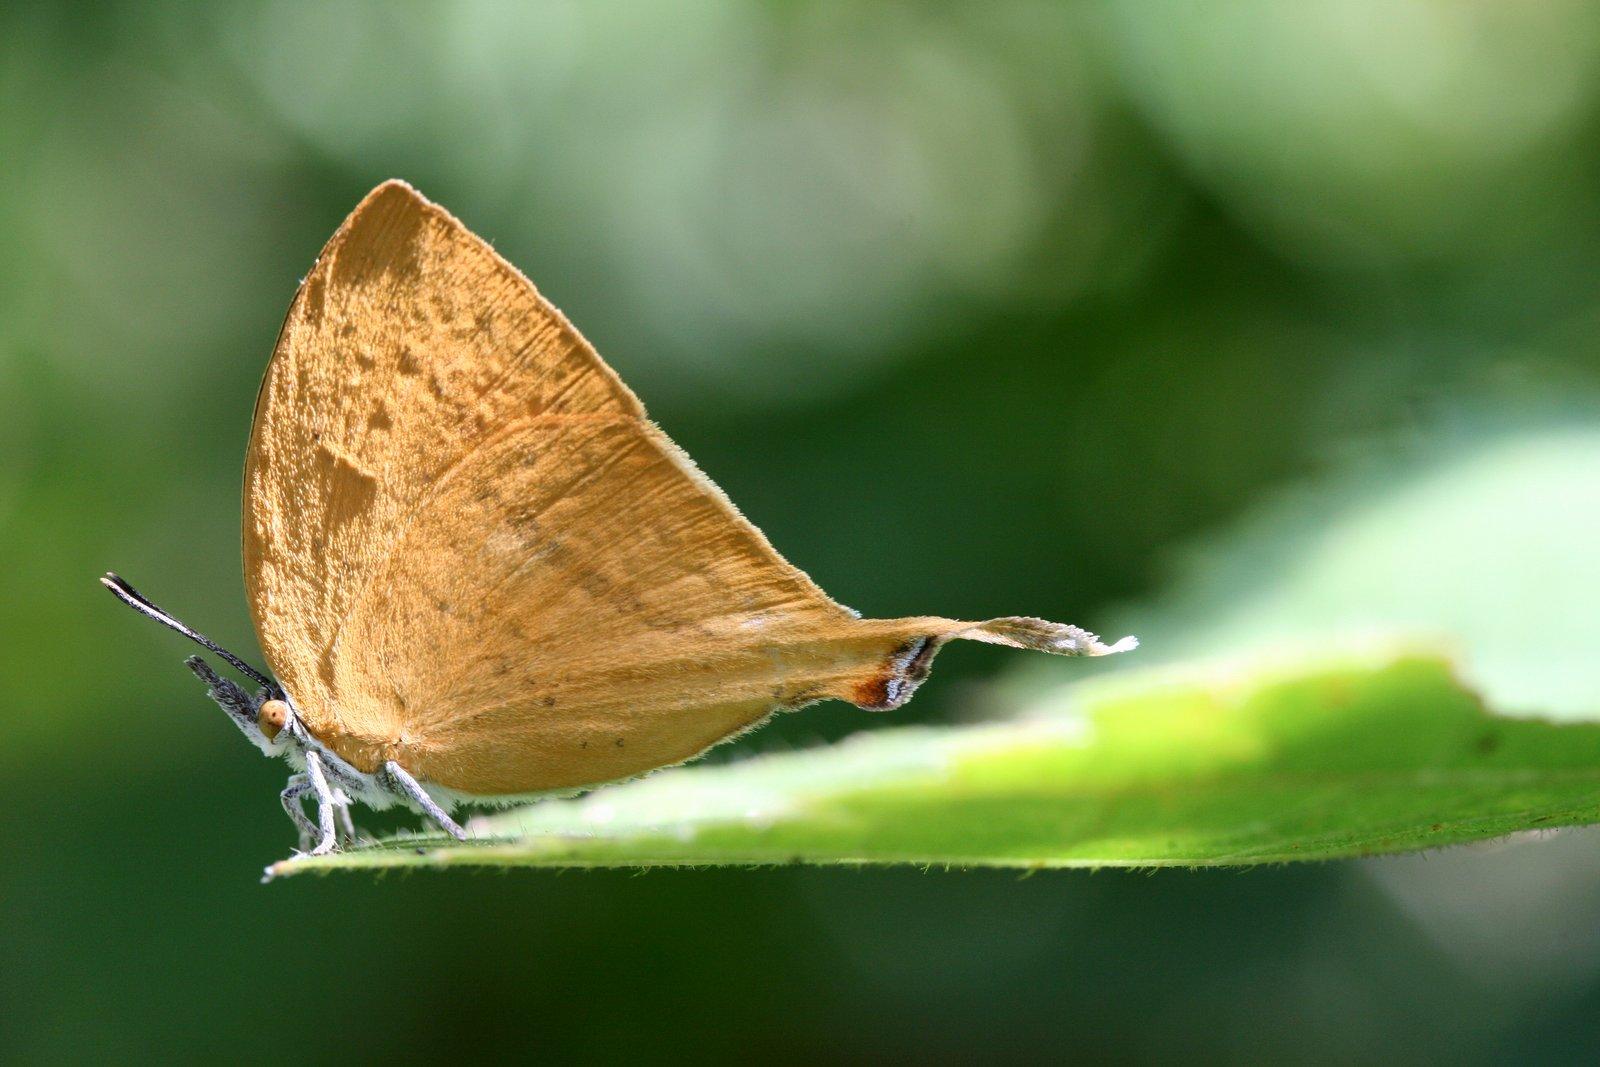 Yamfly, Loxura atymnus